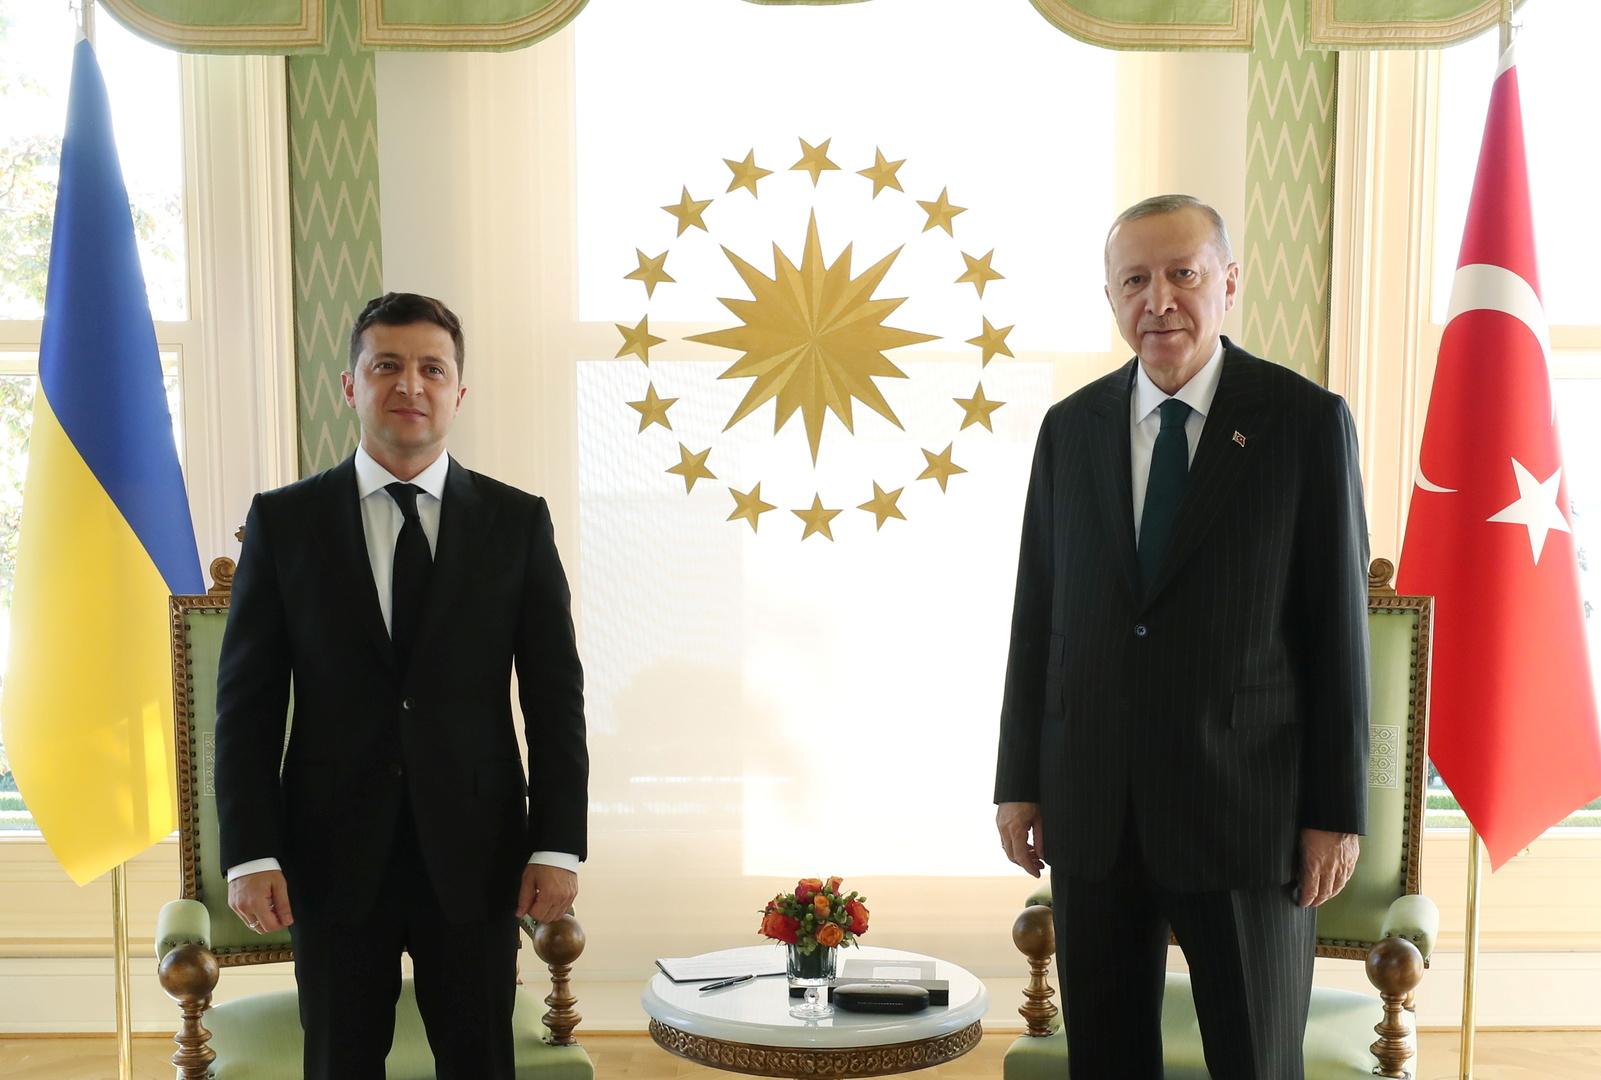 الرئيس التركي، رجب طيب أردوغان، ونظيره الأوكراني، فلاديمير زيلينسكي، خلال لقائهما في اسطنبول يوم 16 أكتوبر 2020.